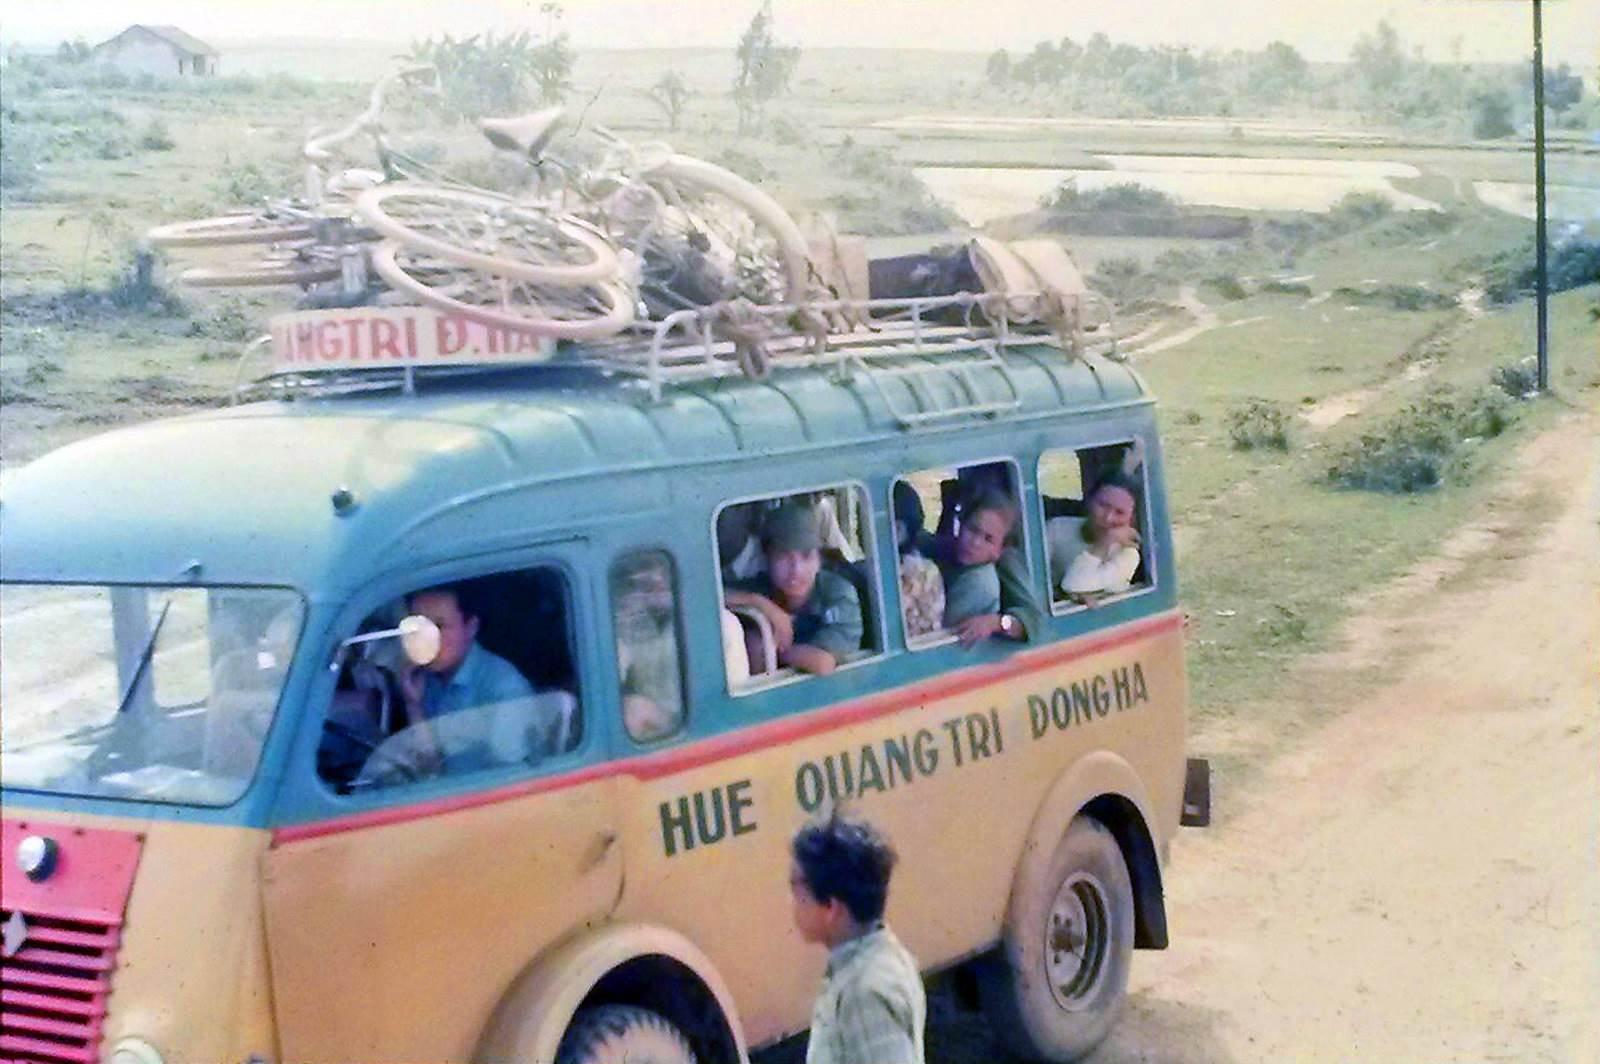 Xe đò Huế - Quảng Trị - Đông Hà